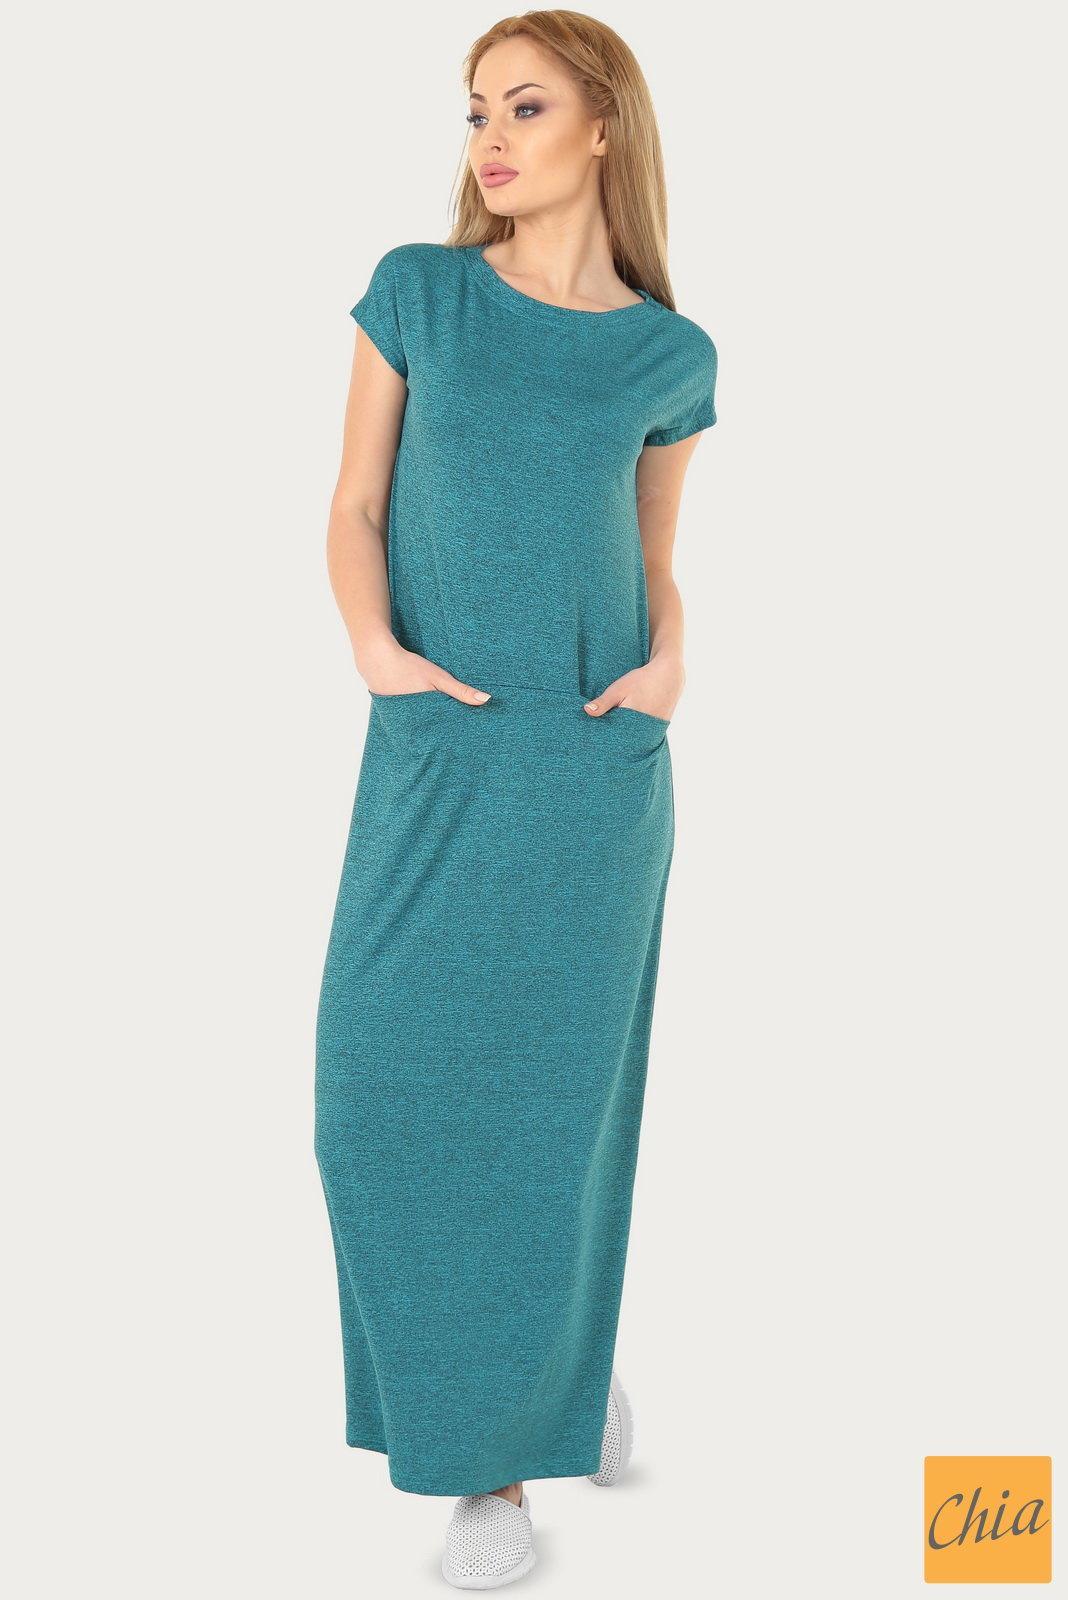 Одежда для женщин от многих брендов в одной закупке! Размеры 40-60!В ... f53cfefdd72d2